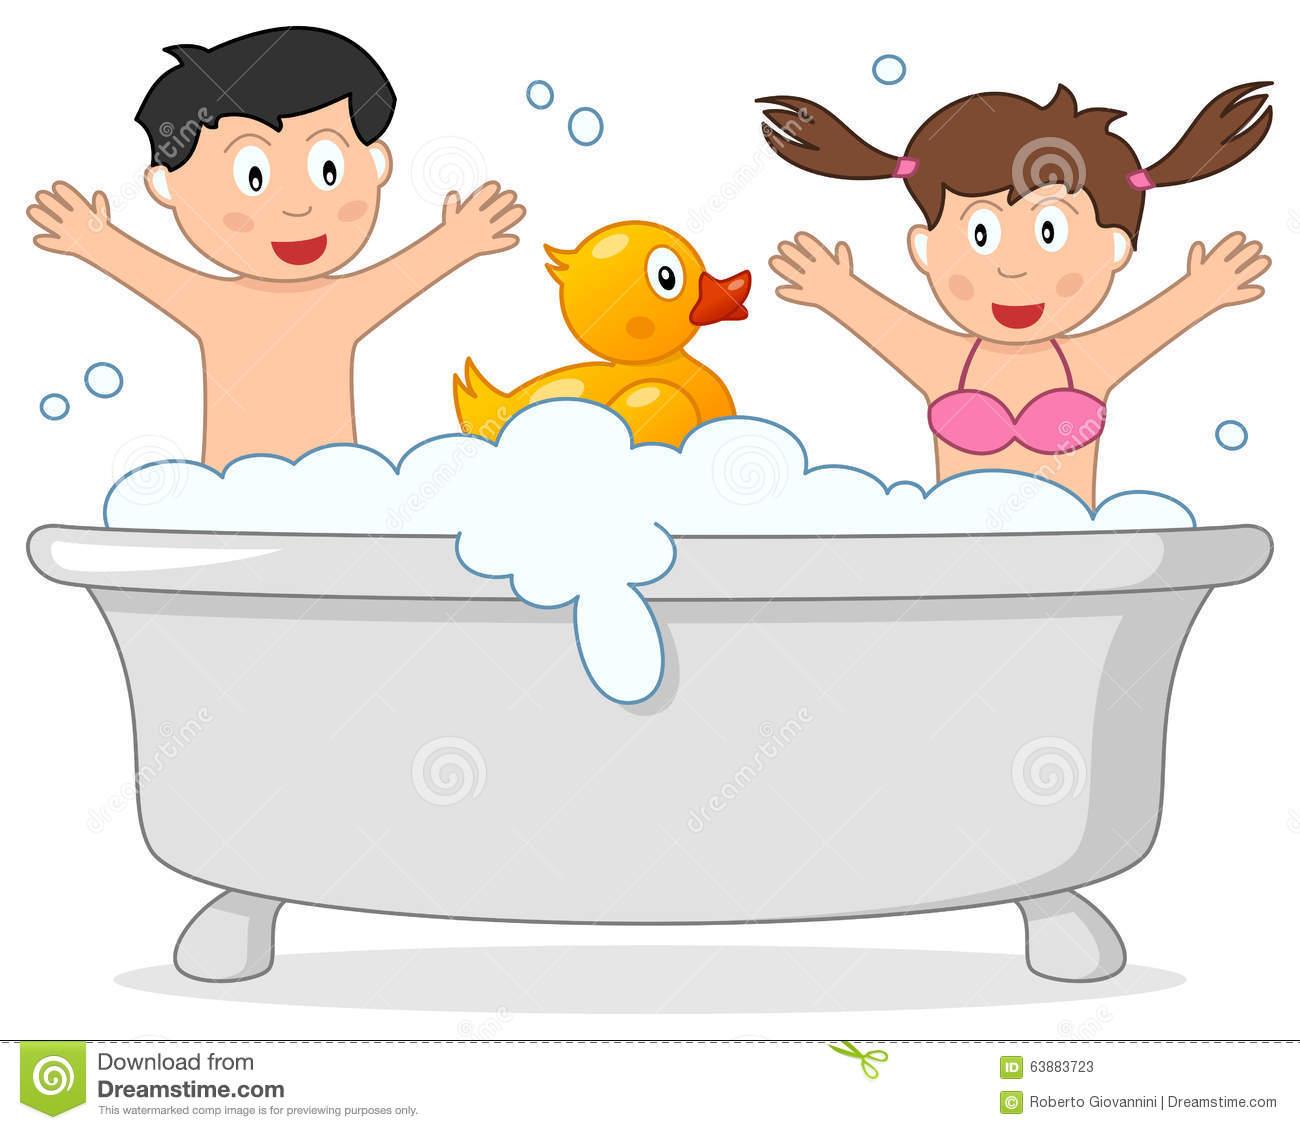 Bathroom Clip Art Free: Bath Foam Clipart